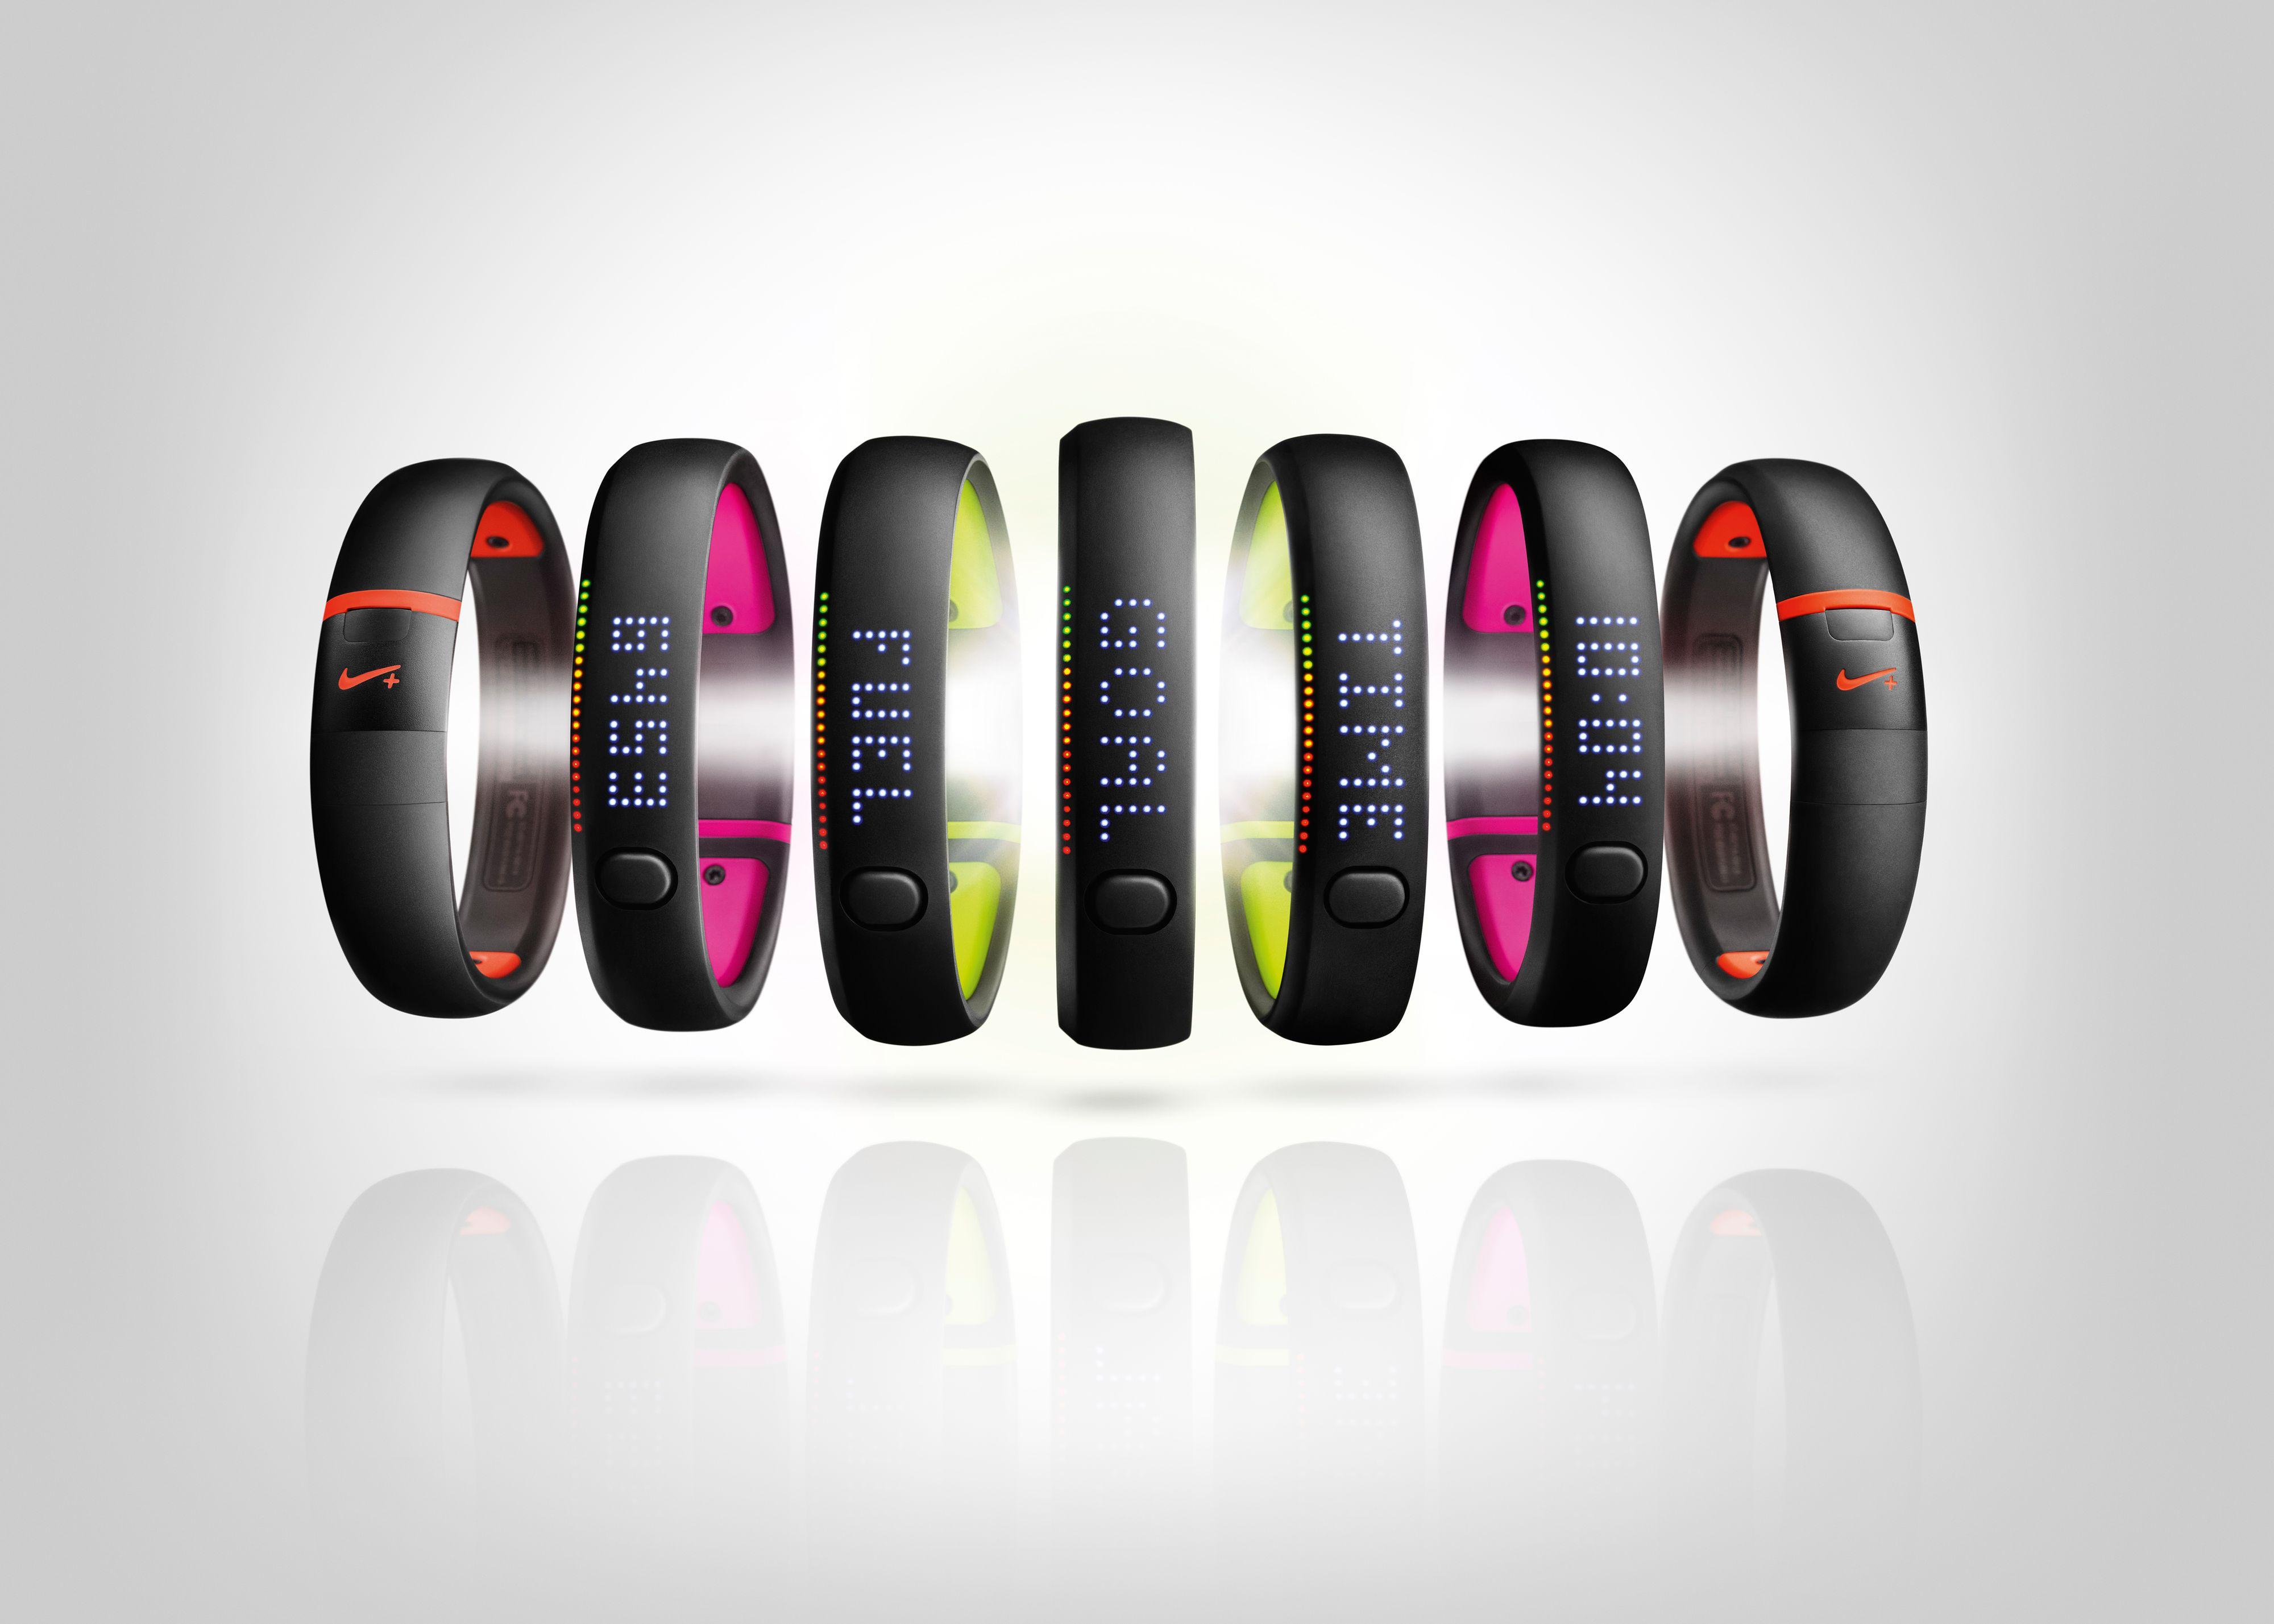 Armbåndet fås i flere ulike farger.Foto: Nike